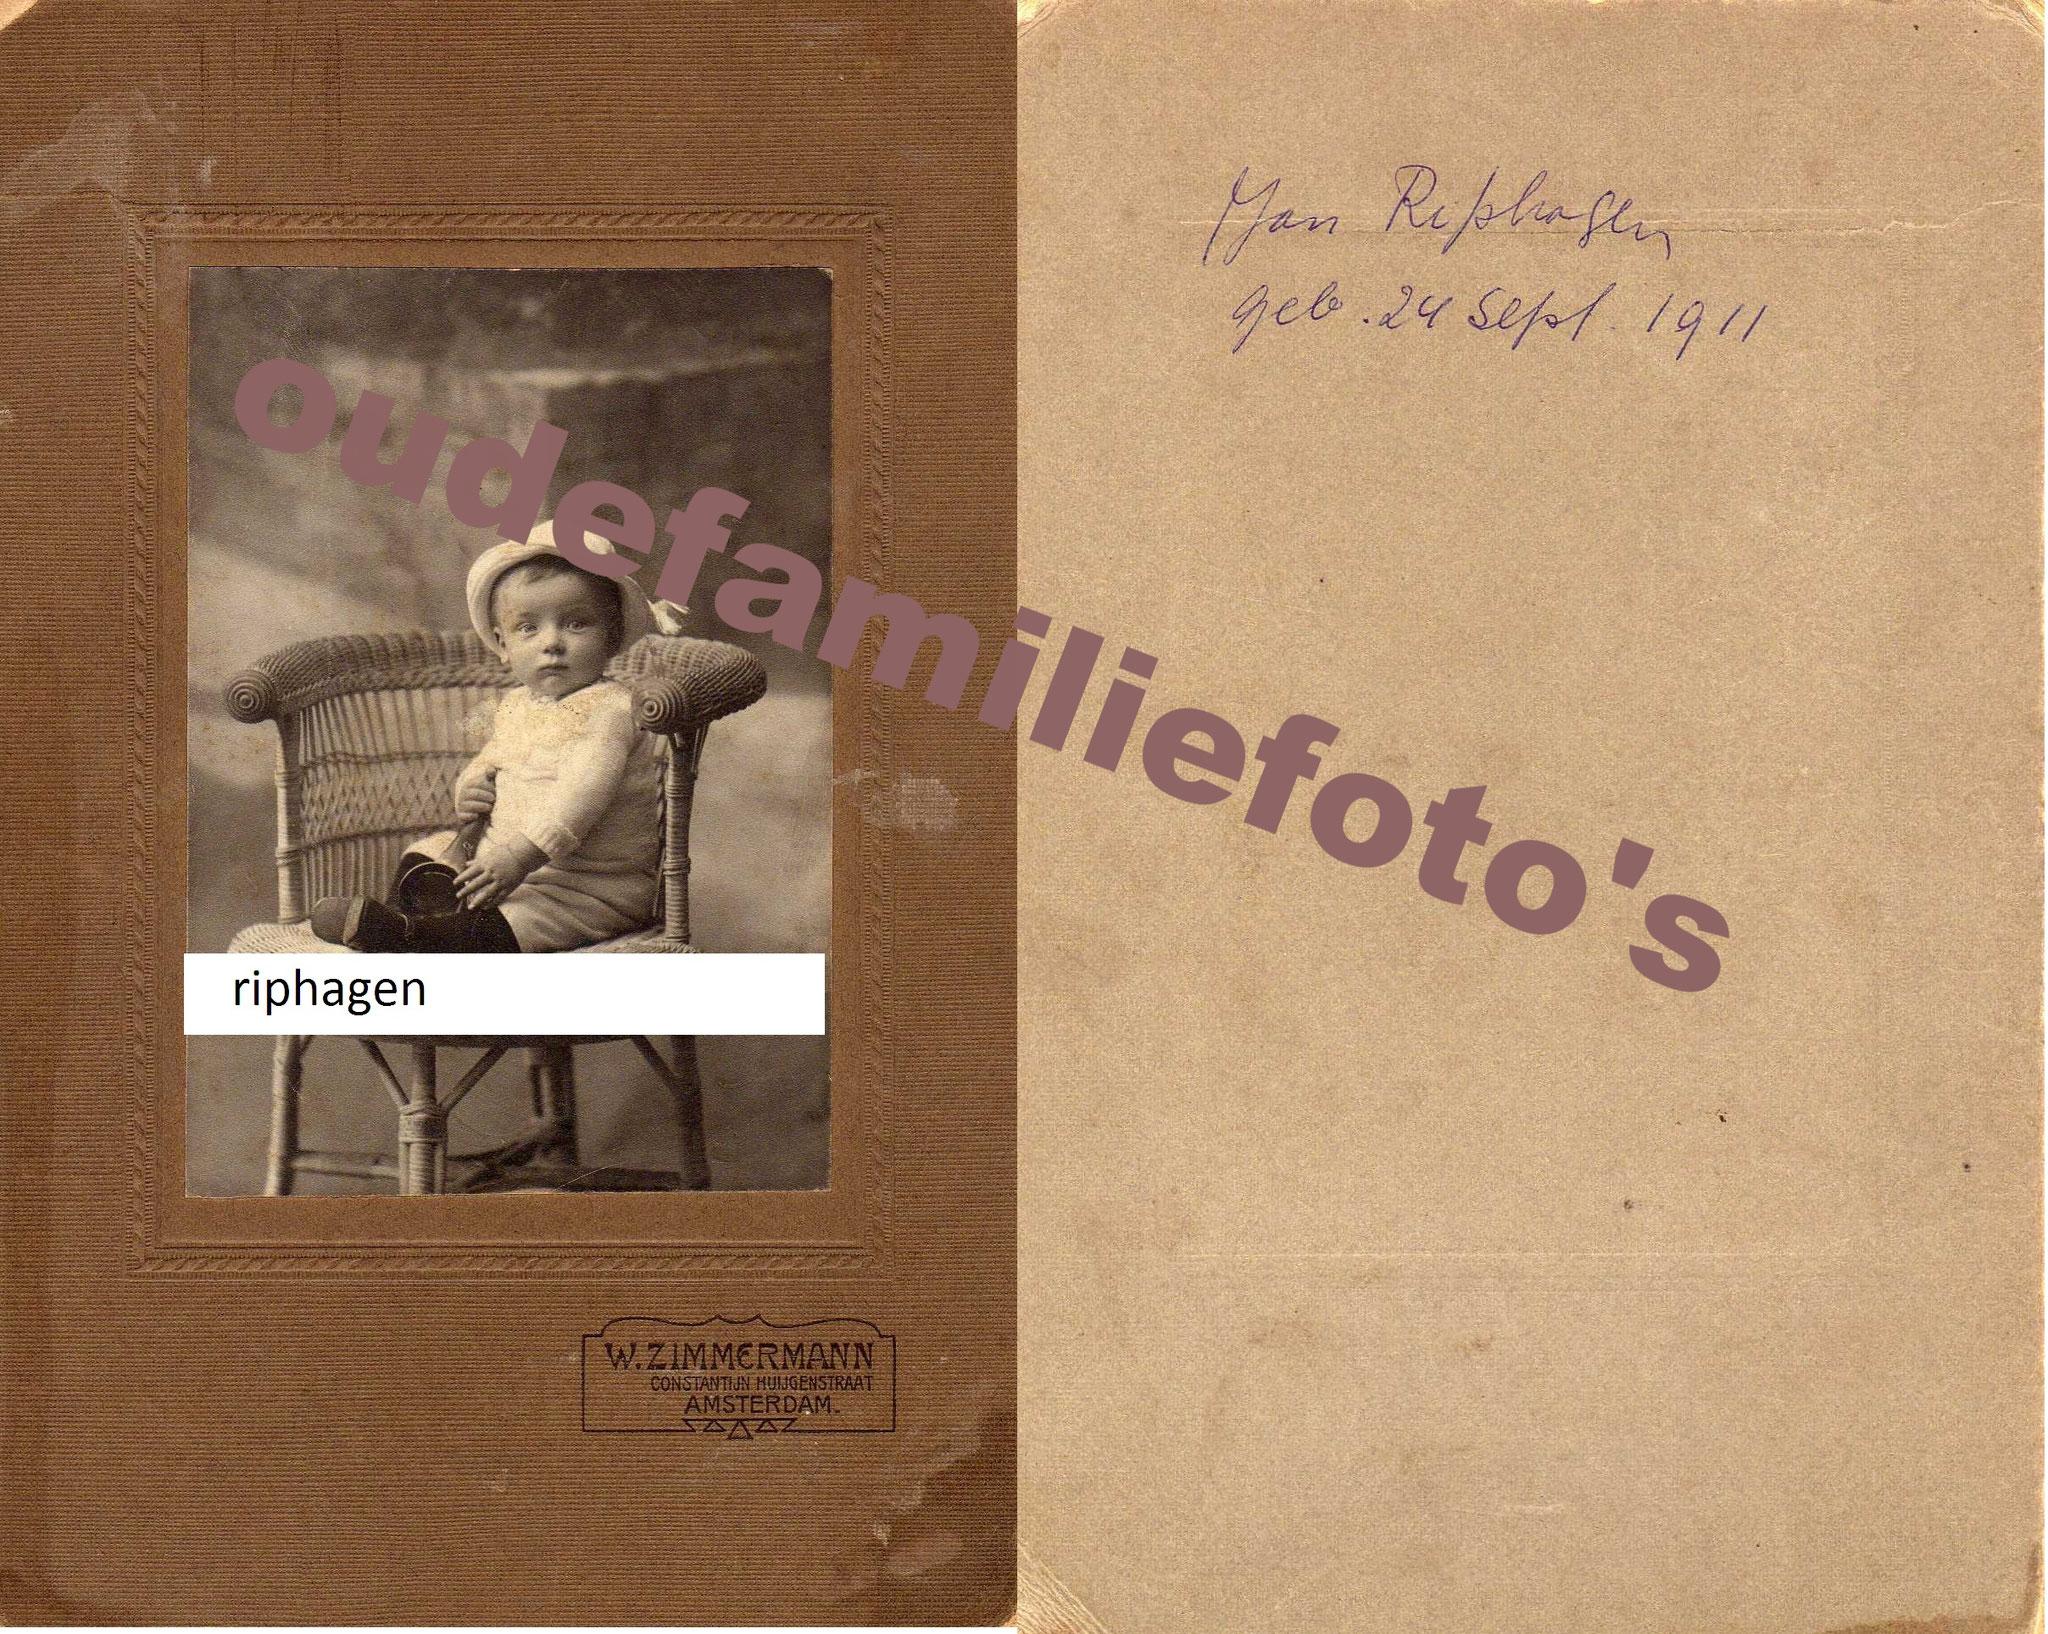 Riphagen, Johannes. geb: 24-9-1911 Heemstede. ovl: 23-5-1931 Heemstede. Ouders Dirk. Martha Margaretha Raijmann. € 3.50